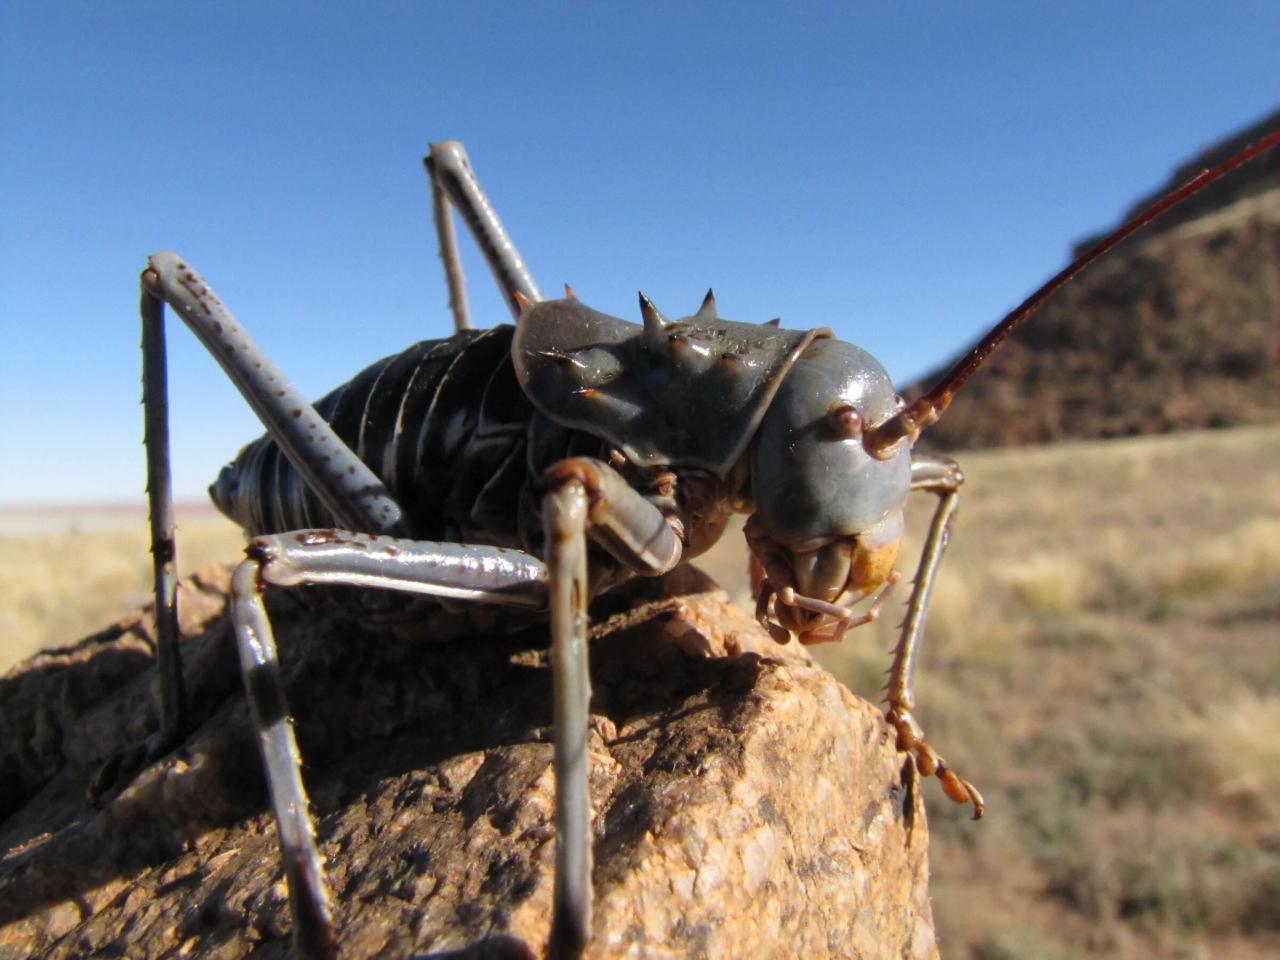 Бронированный кузнечик: Адские животные Африки. Киборг-убийца с отравленной кровью!